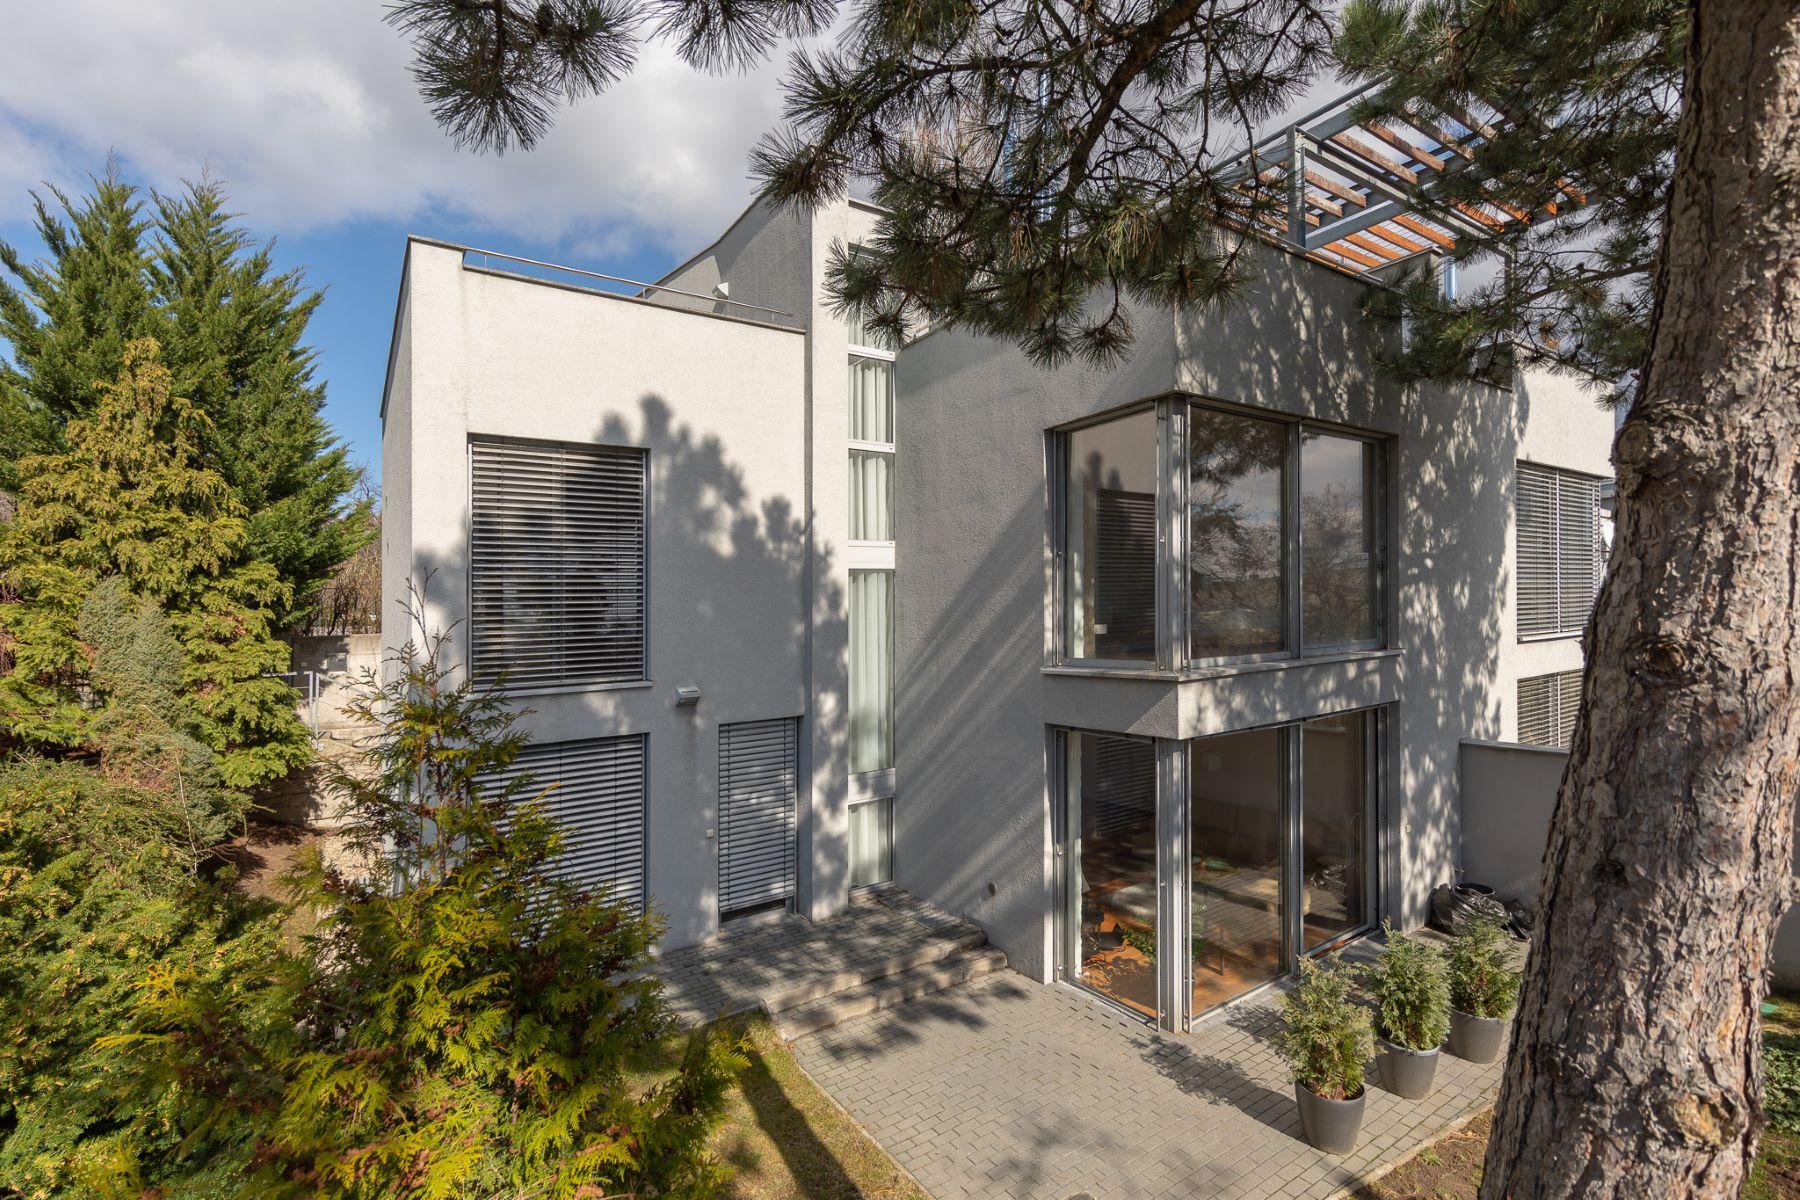 Single Family Homes for Sale at A modern city villa in the prestigious Bratislava area Vlckova Other Slovakia, Other Areas In Slovakia 81106 Slovakia